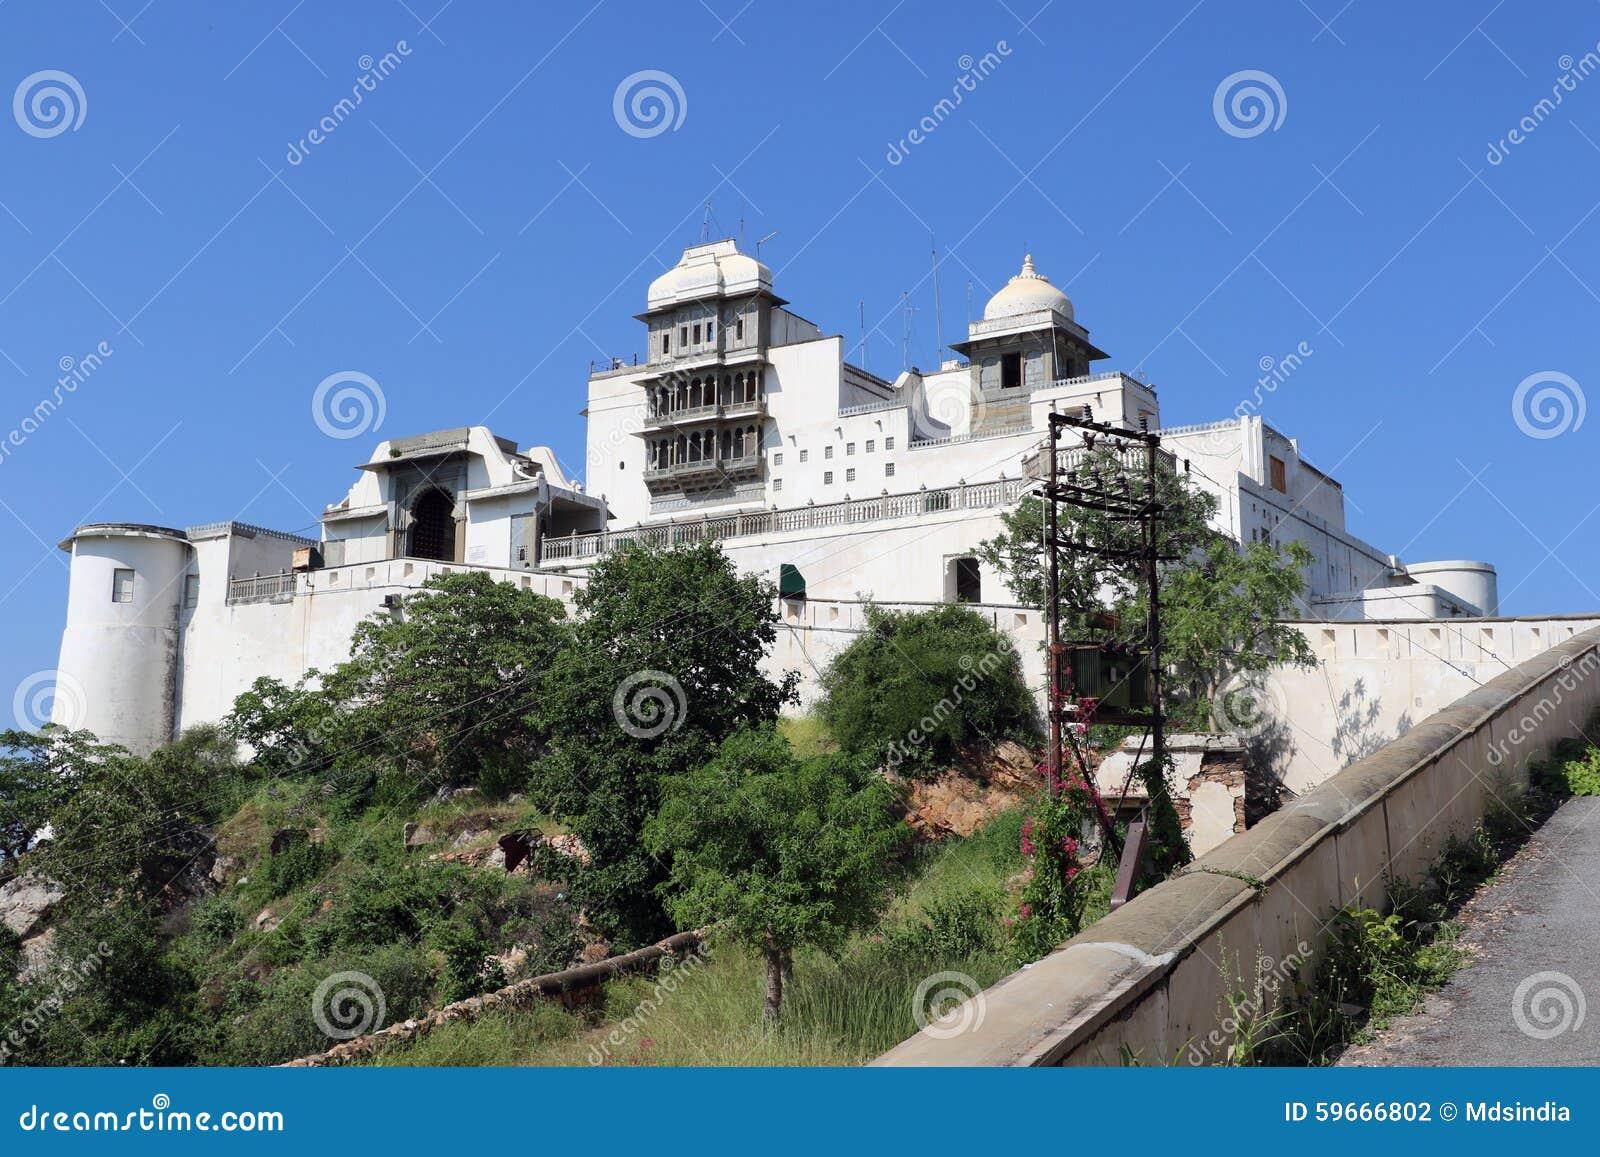 El palacio de la monzón o palacio de Sajjan Garh, Udaipur, Rajasthán